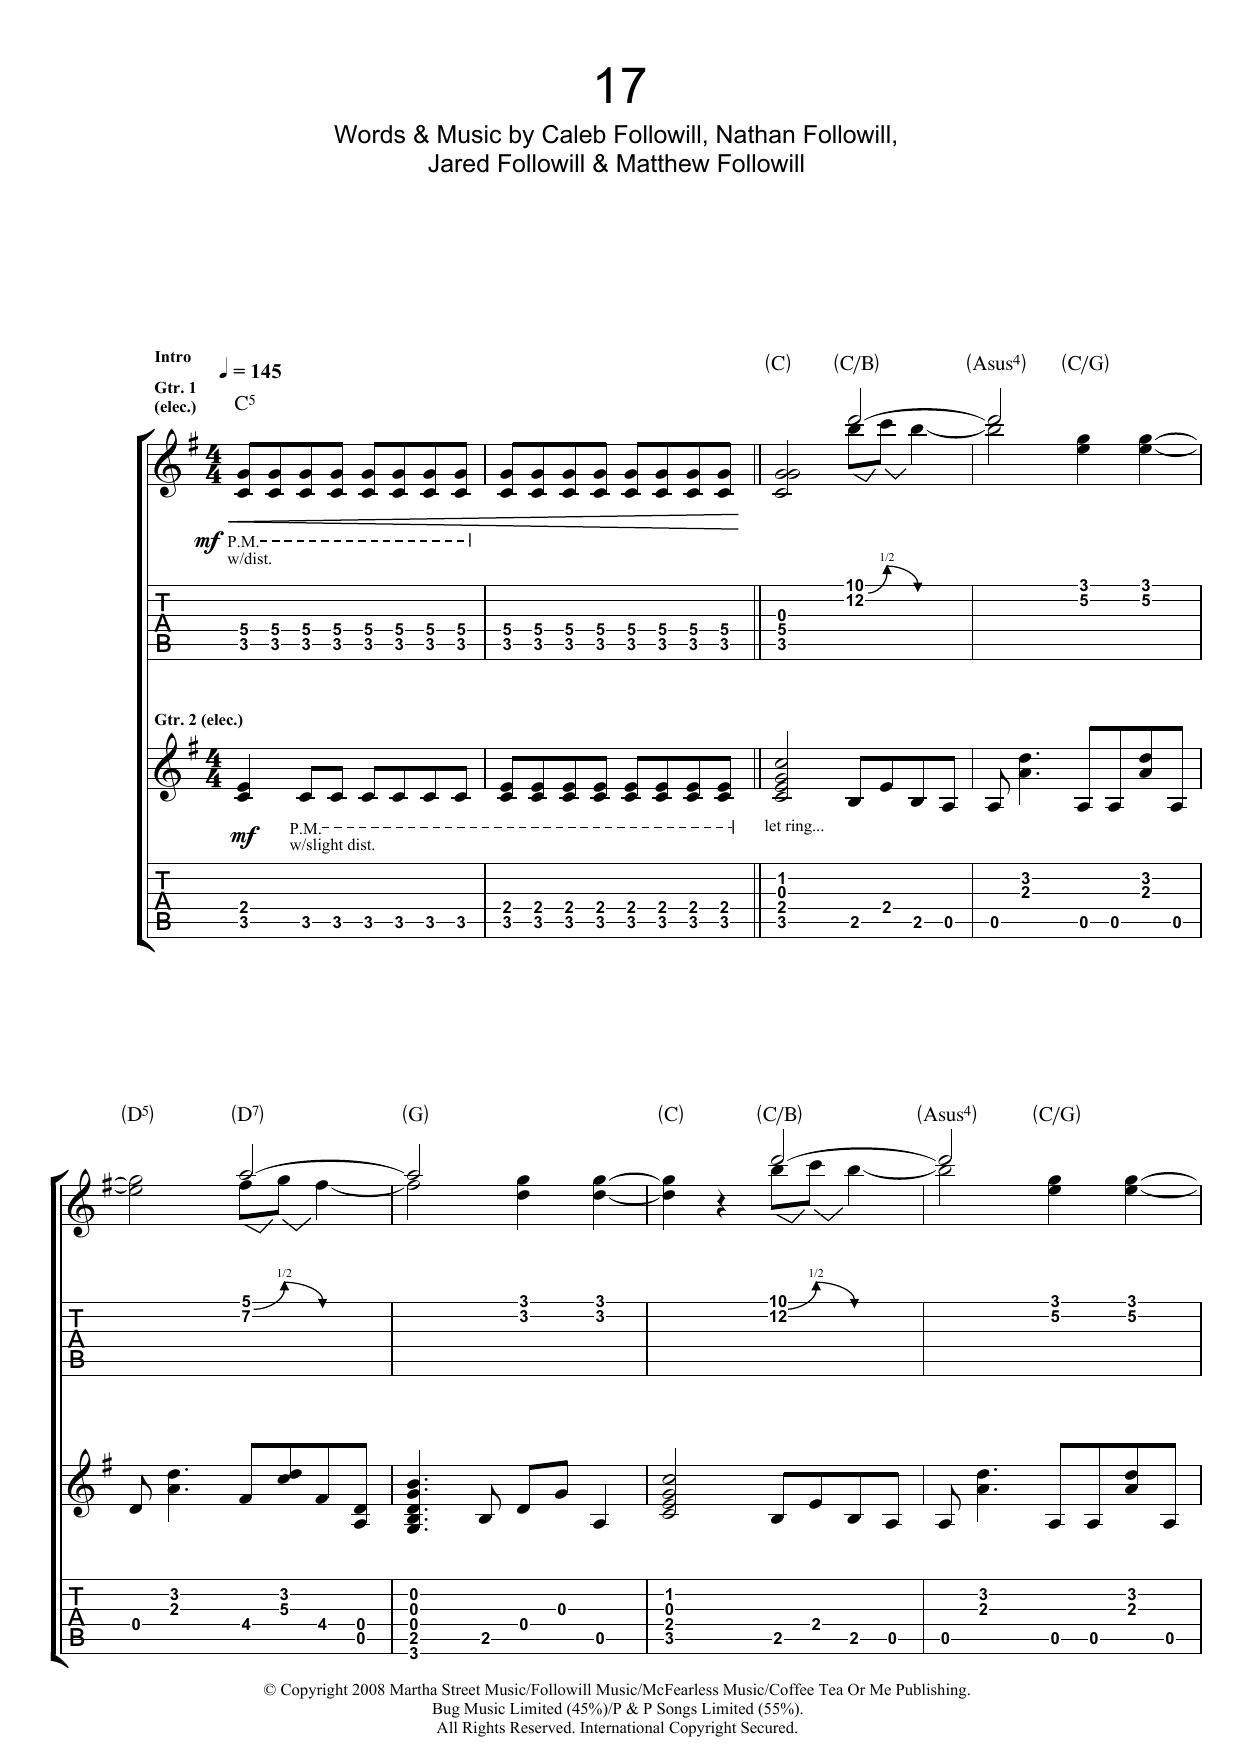 17 (Guitar Tab)